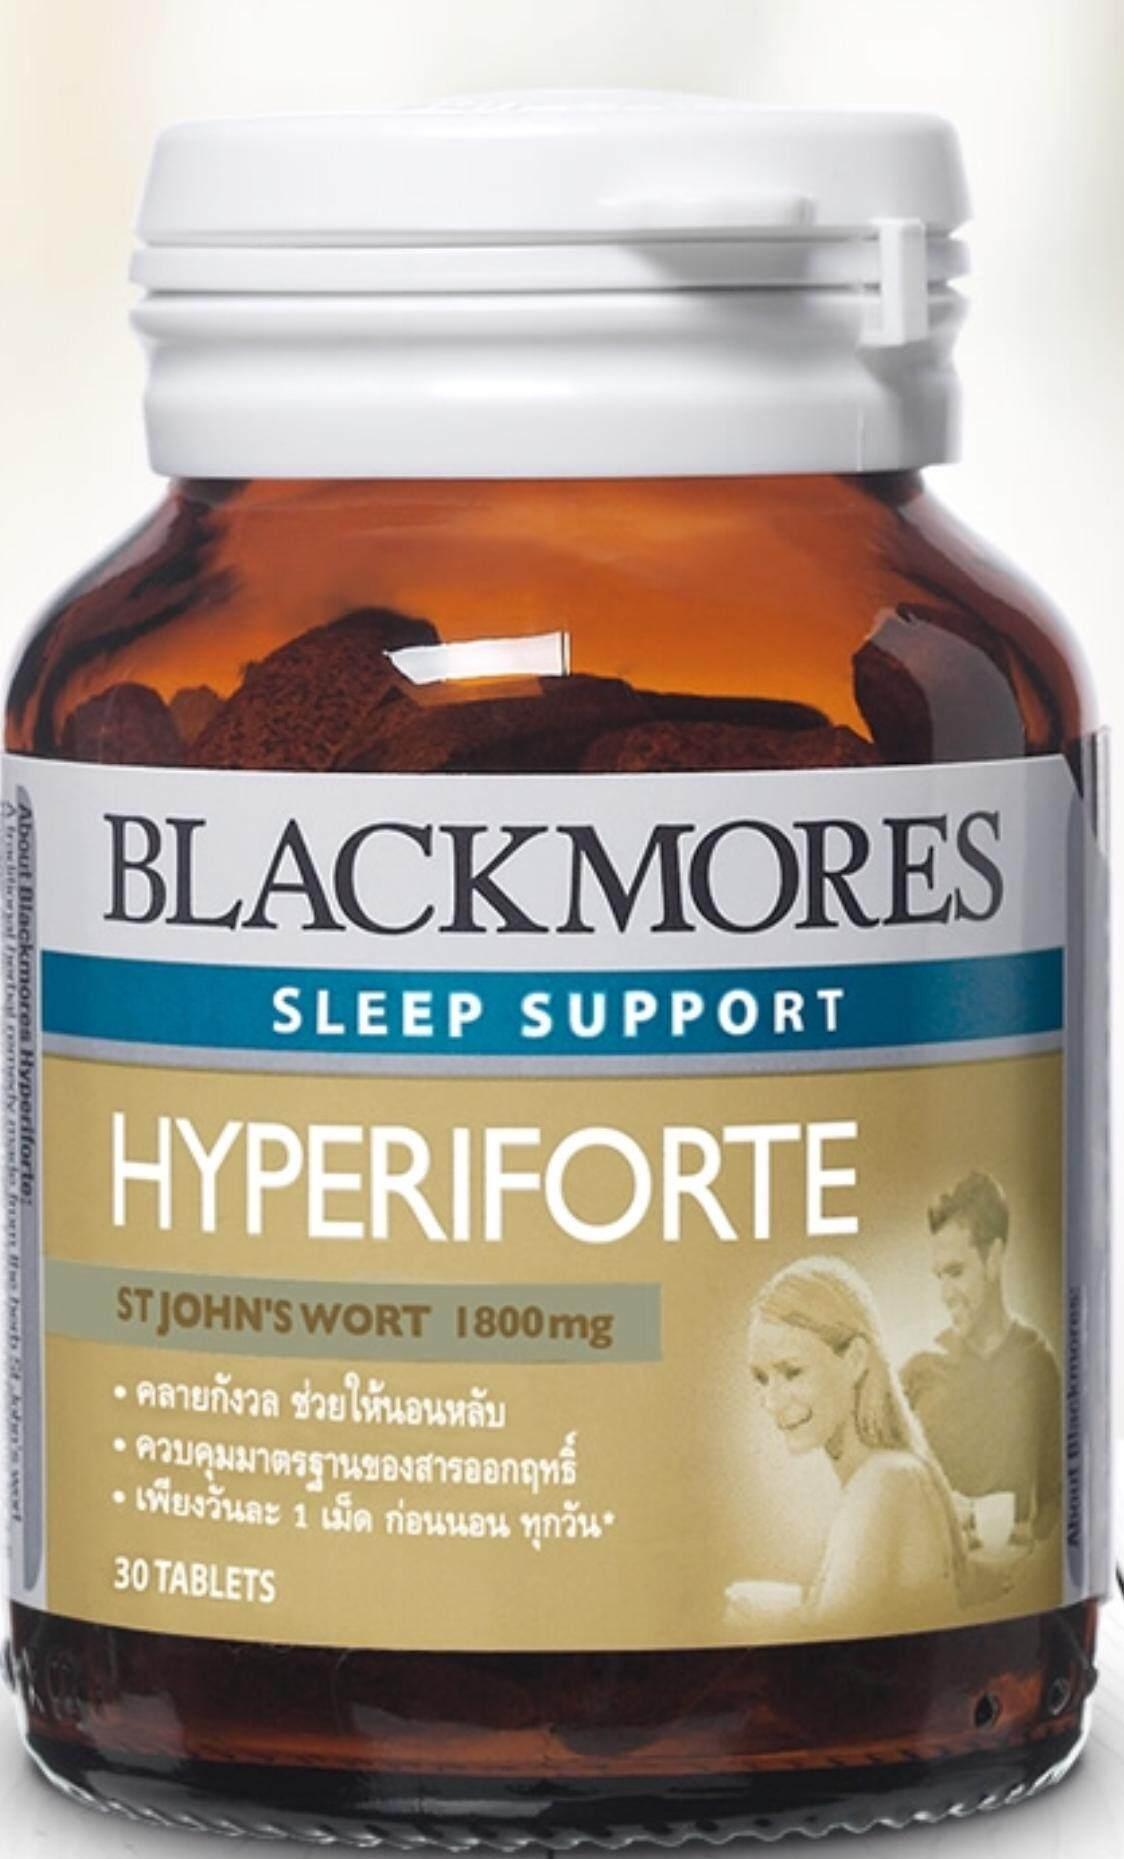 สอนใช้งาน  ราชบุรี Blackmores ไฮเปอ ริฟอร์ท ขนาด 30 เม็ด คลายกังวล ช่วยให้นอนหลับ